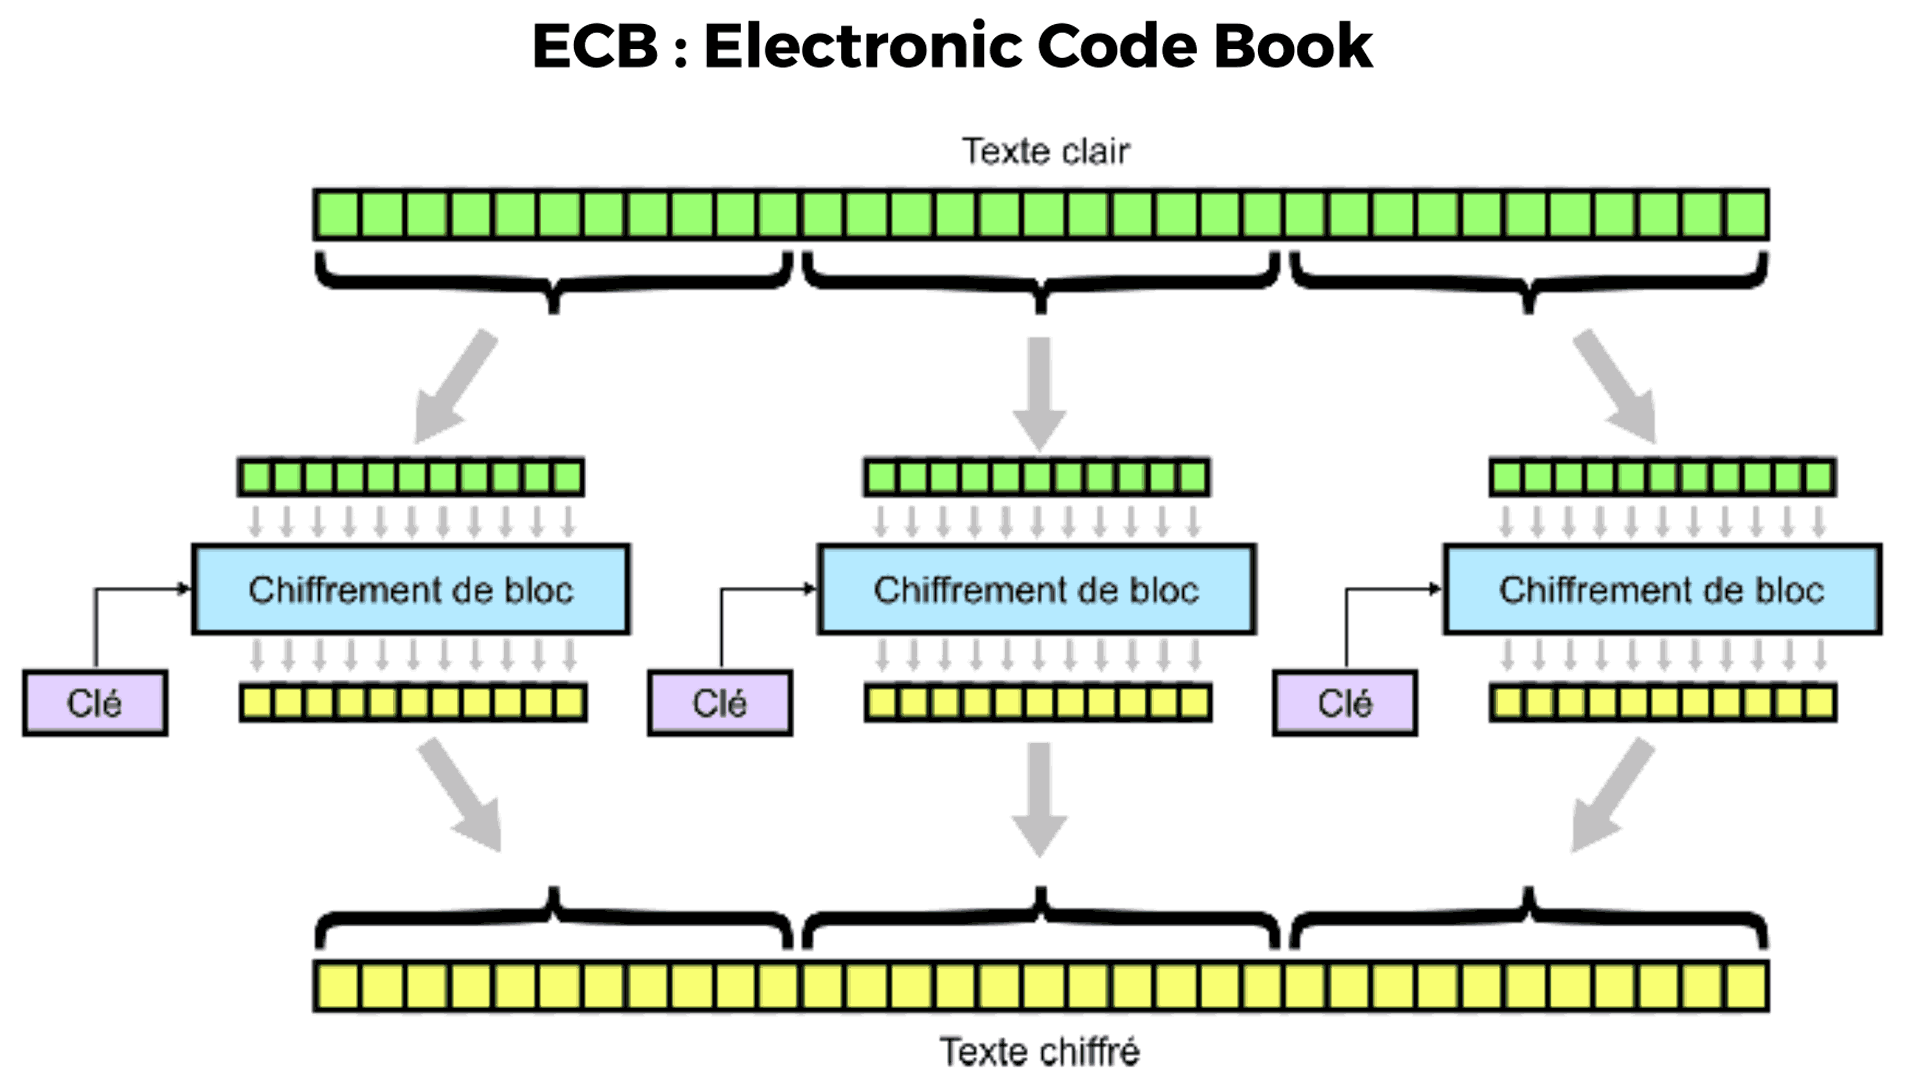 Mode de chiffrement ECB